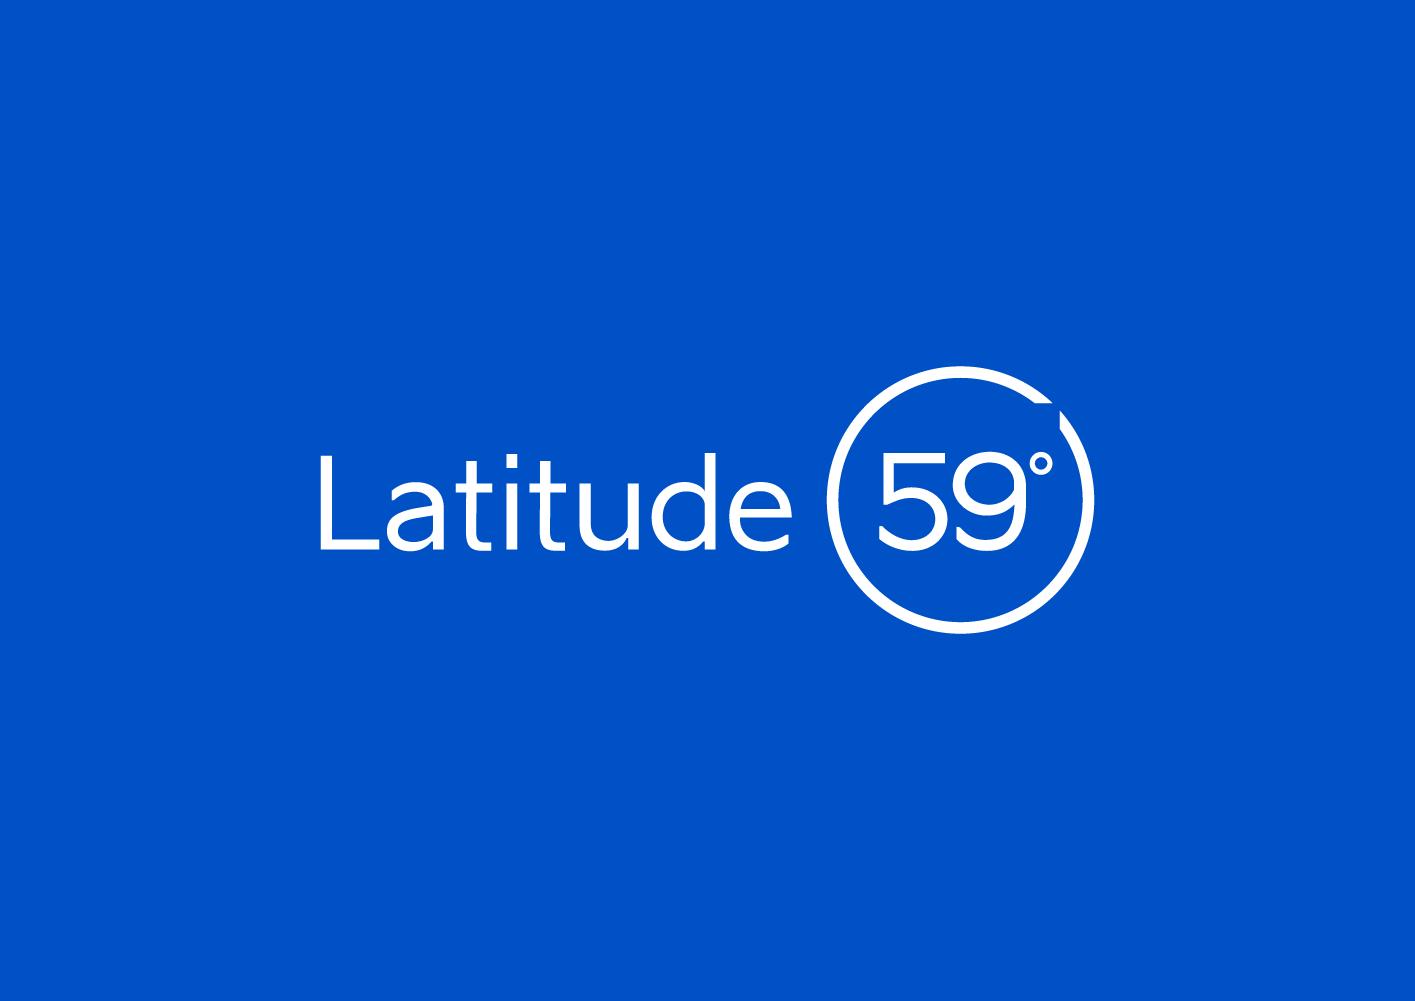 Majandus.ee: Latitude59 logo